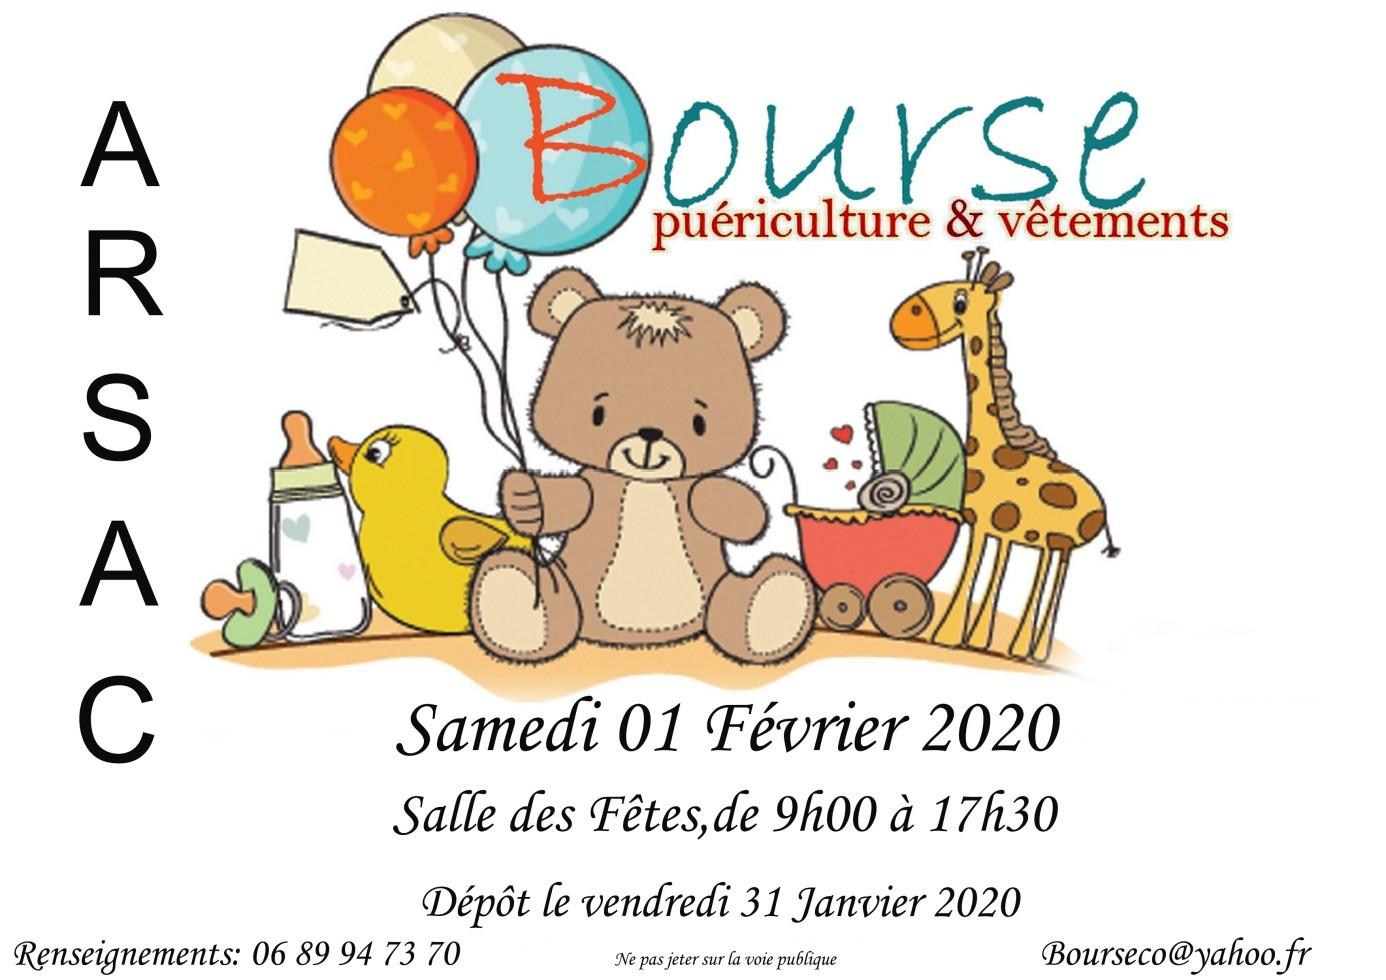 Bourse puériculture 2020